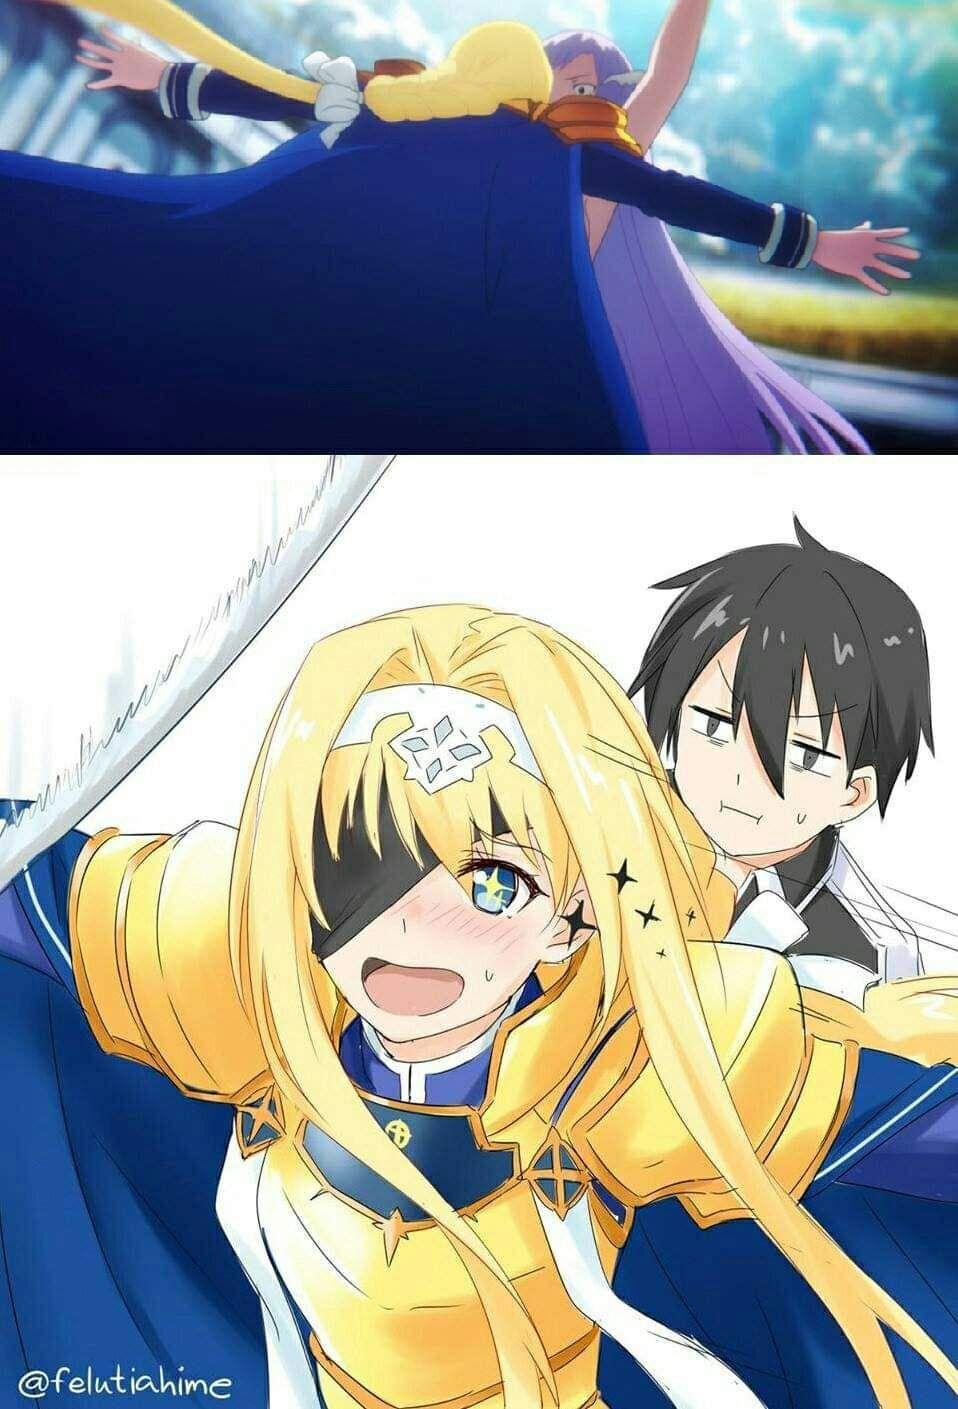 フェルティア姫 on Twitter in 2020 Sword art online meme, Sword